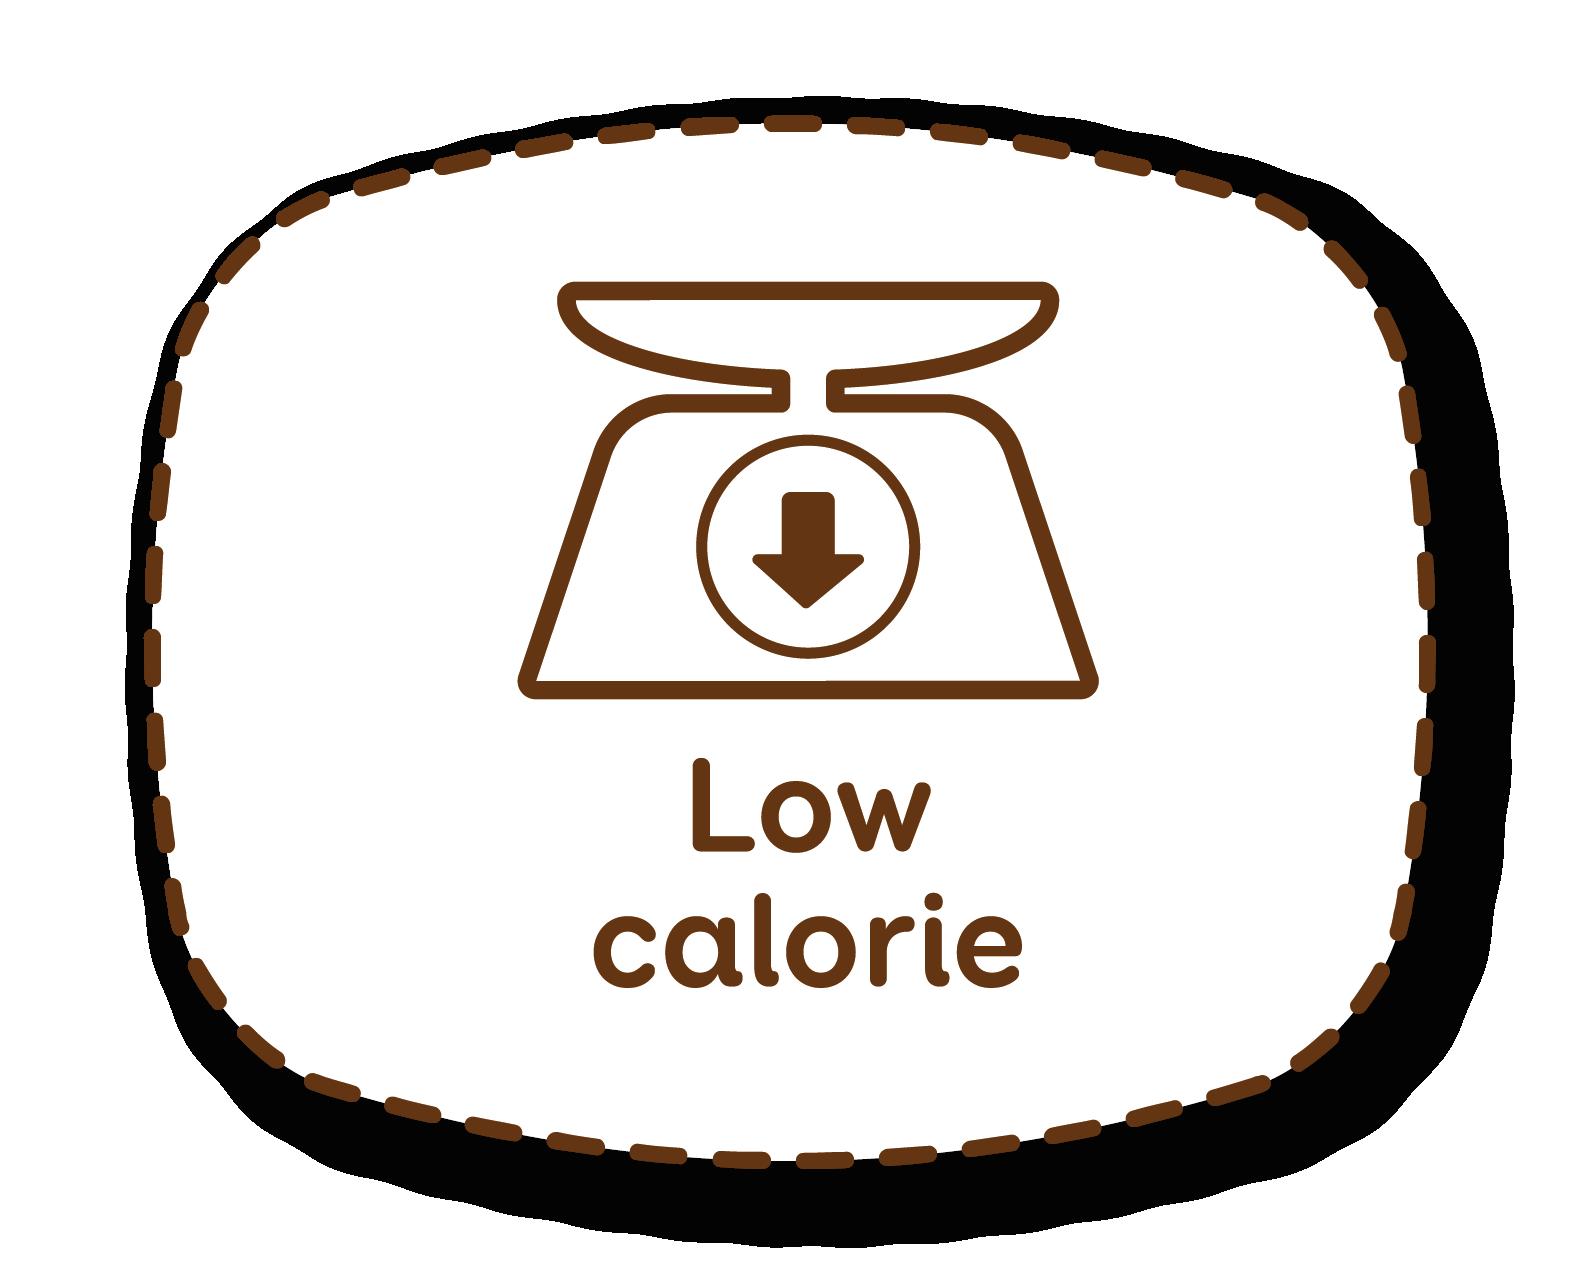 Bajo en calorías: alimento completo para perros esterilizados o con tendencia al sobrepeso.